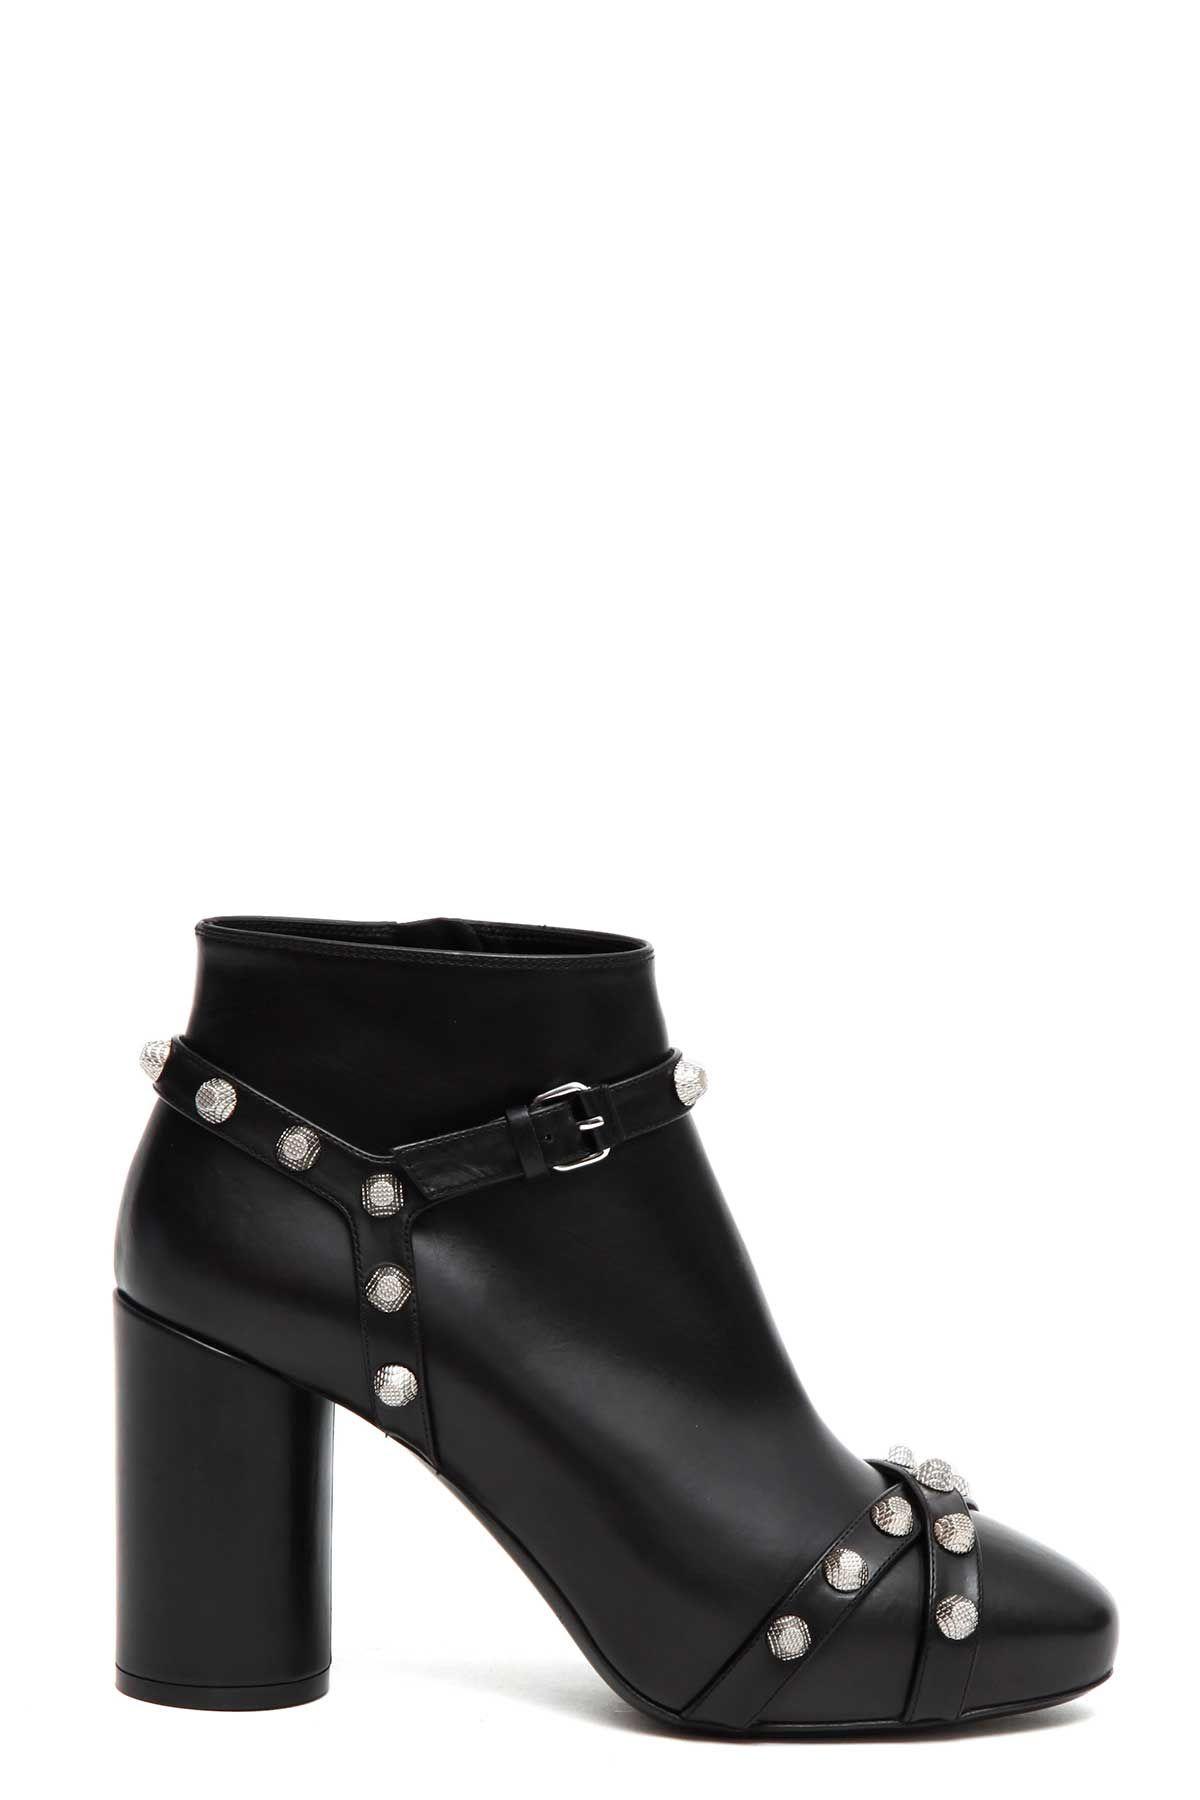 c11fdf1c0e63 Silver Balenciaga Shoes